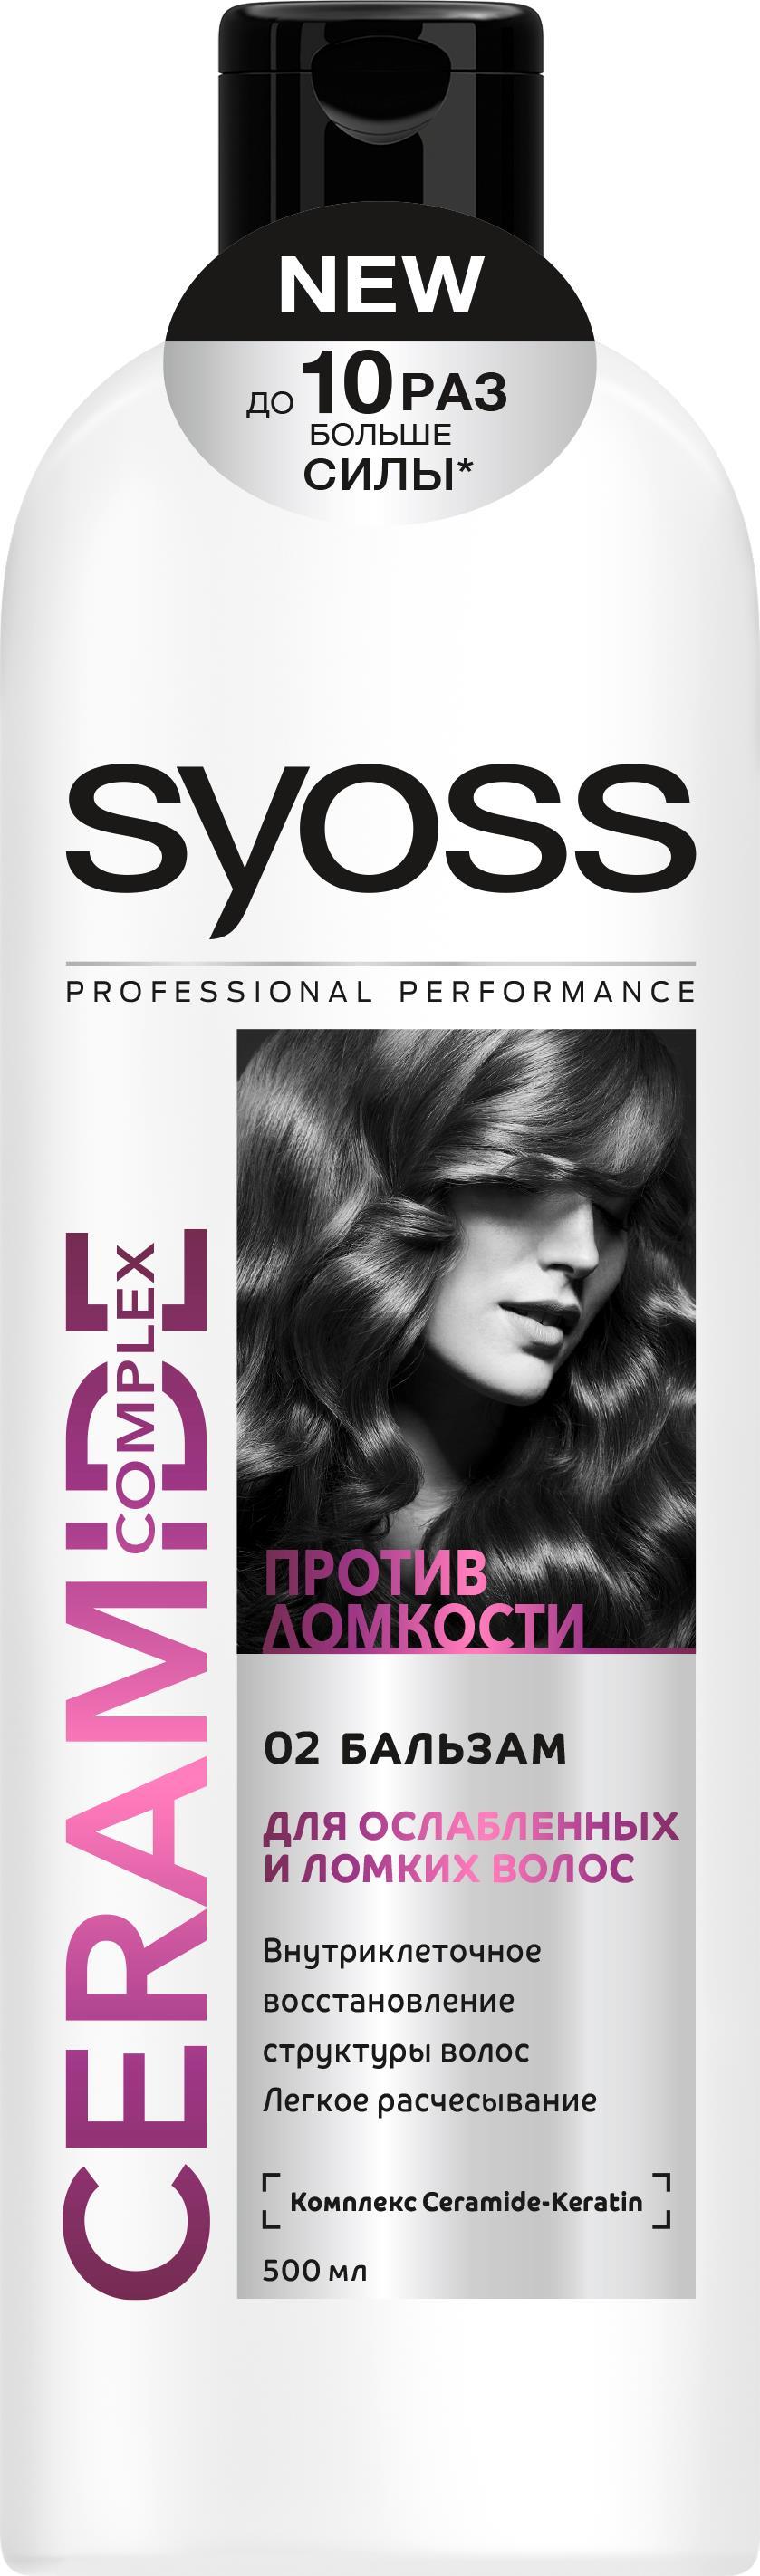 Syoss Бальзам Ceramide Complex, 500 мл2017729Укрепляющий бальзам с комплексом CERAMIDE-KERATIN для ослабленных и ломких волос дополняет шампунь, придавая до 10 раз больше силы волосам и обеспечивая их легкое расчесывание- Интенсивно укрепляет по всей длине- Значительно сокращает